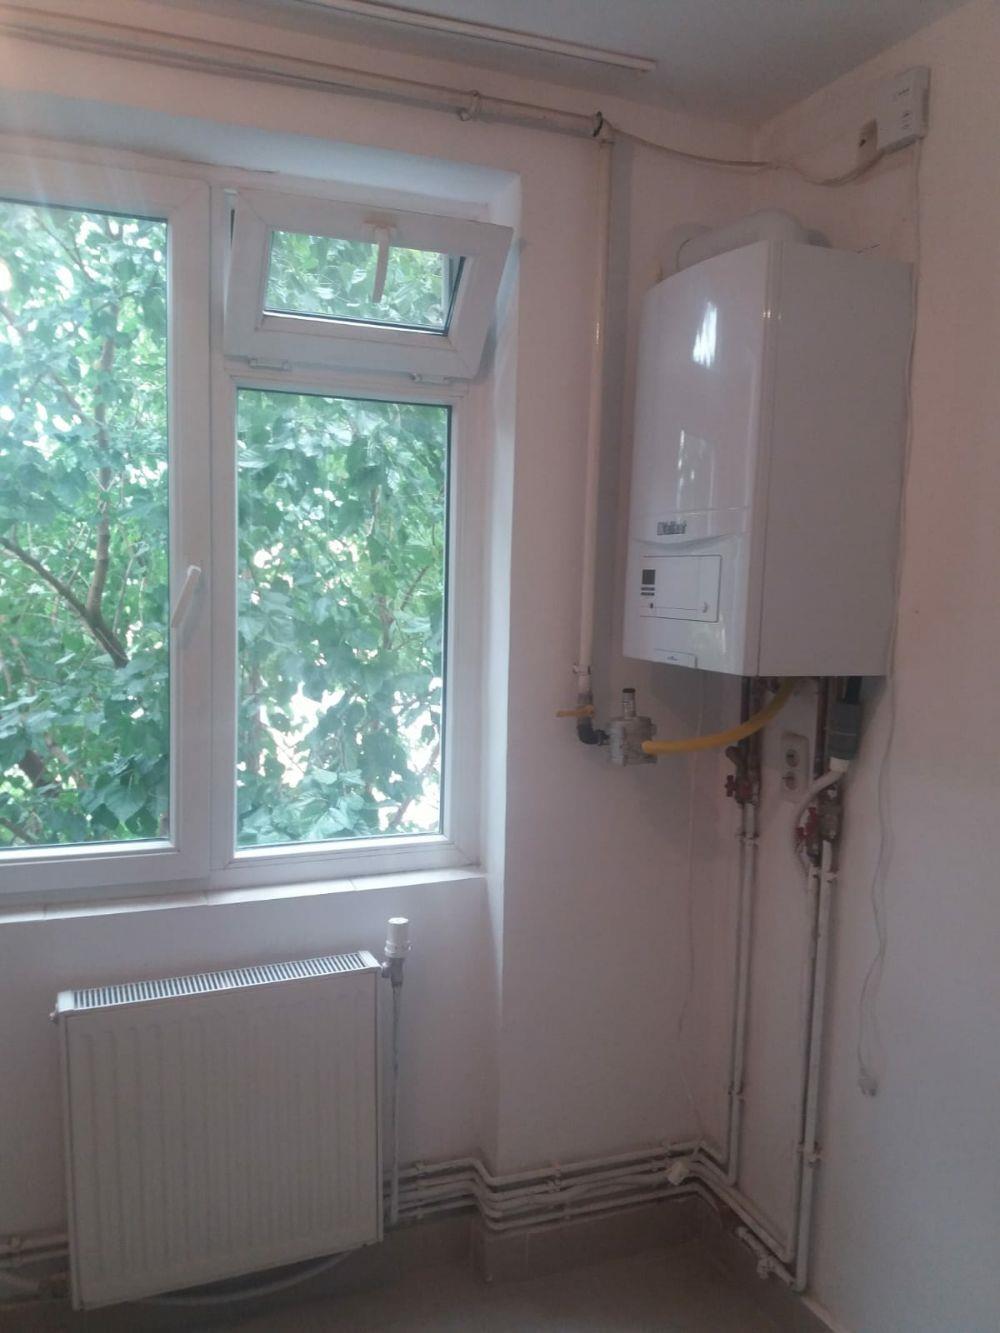 Proprietar vand apartament central 2 camere bloc de caramida et 2 - imagine 10